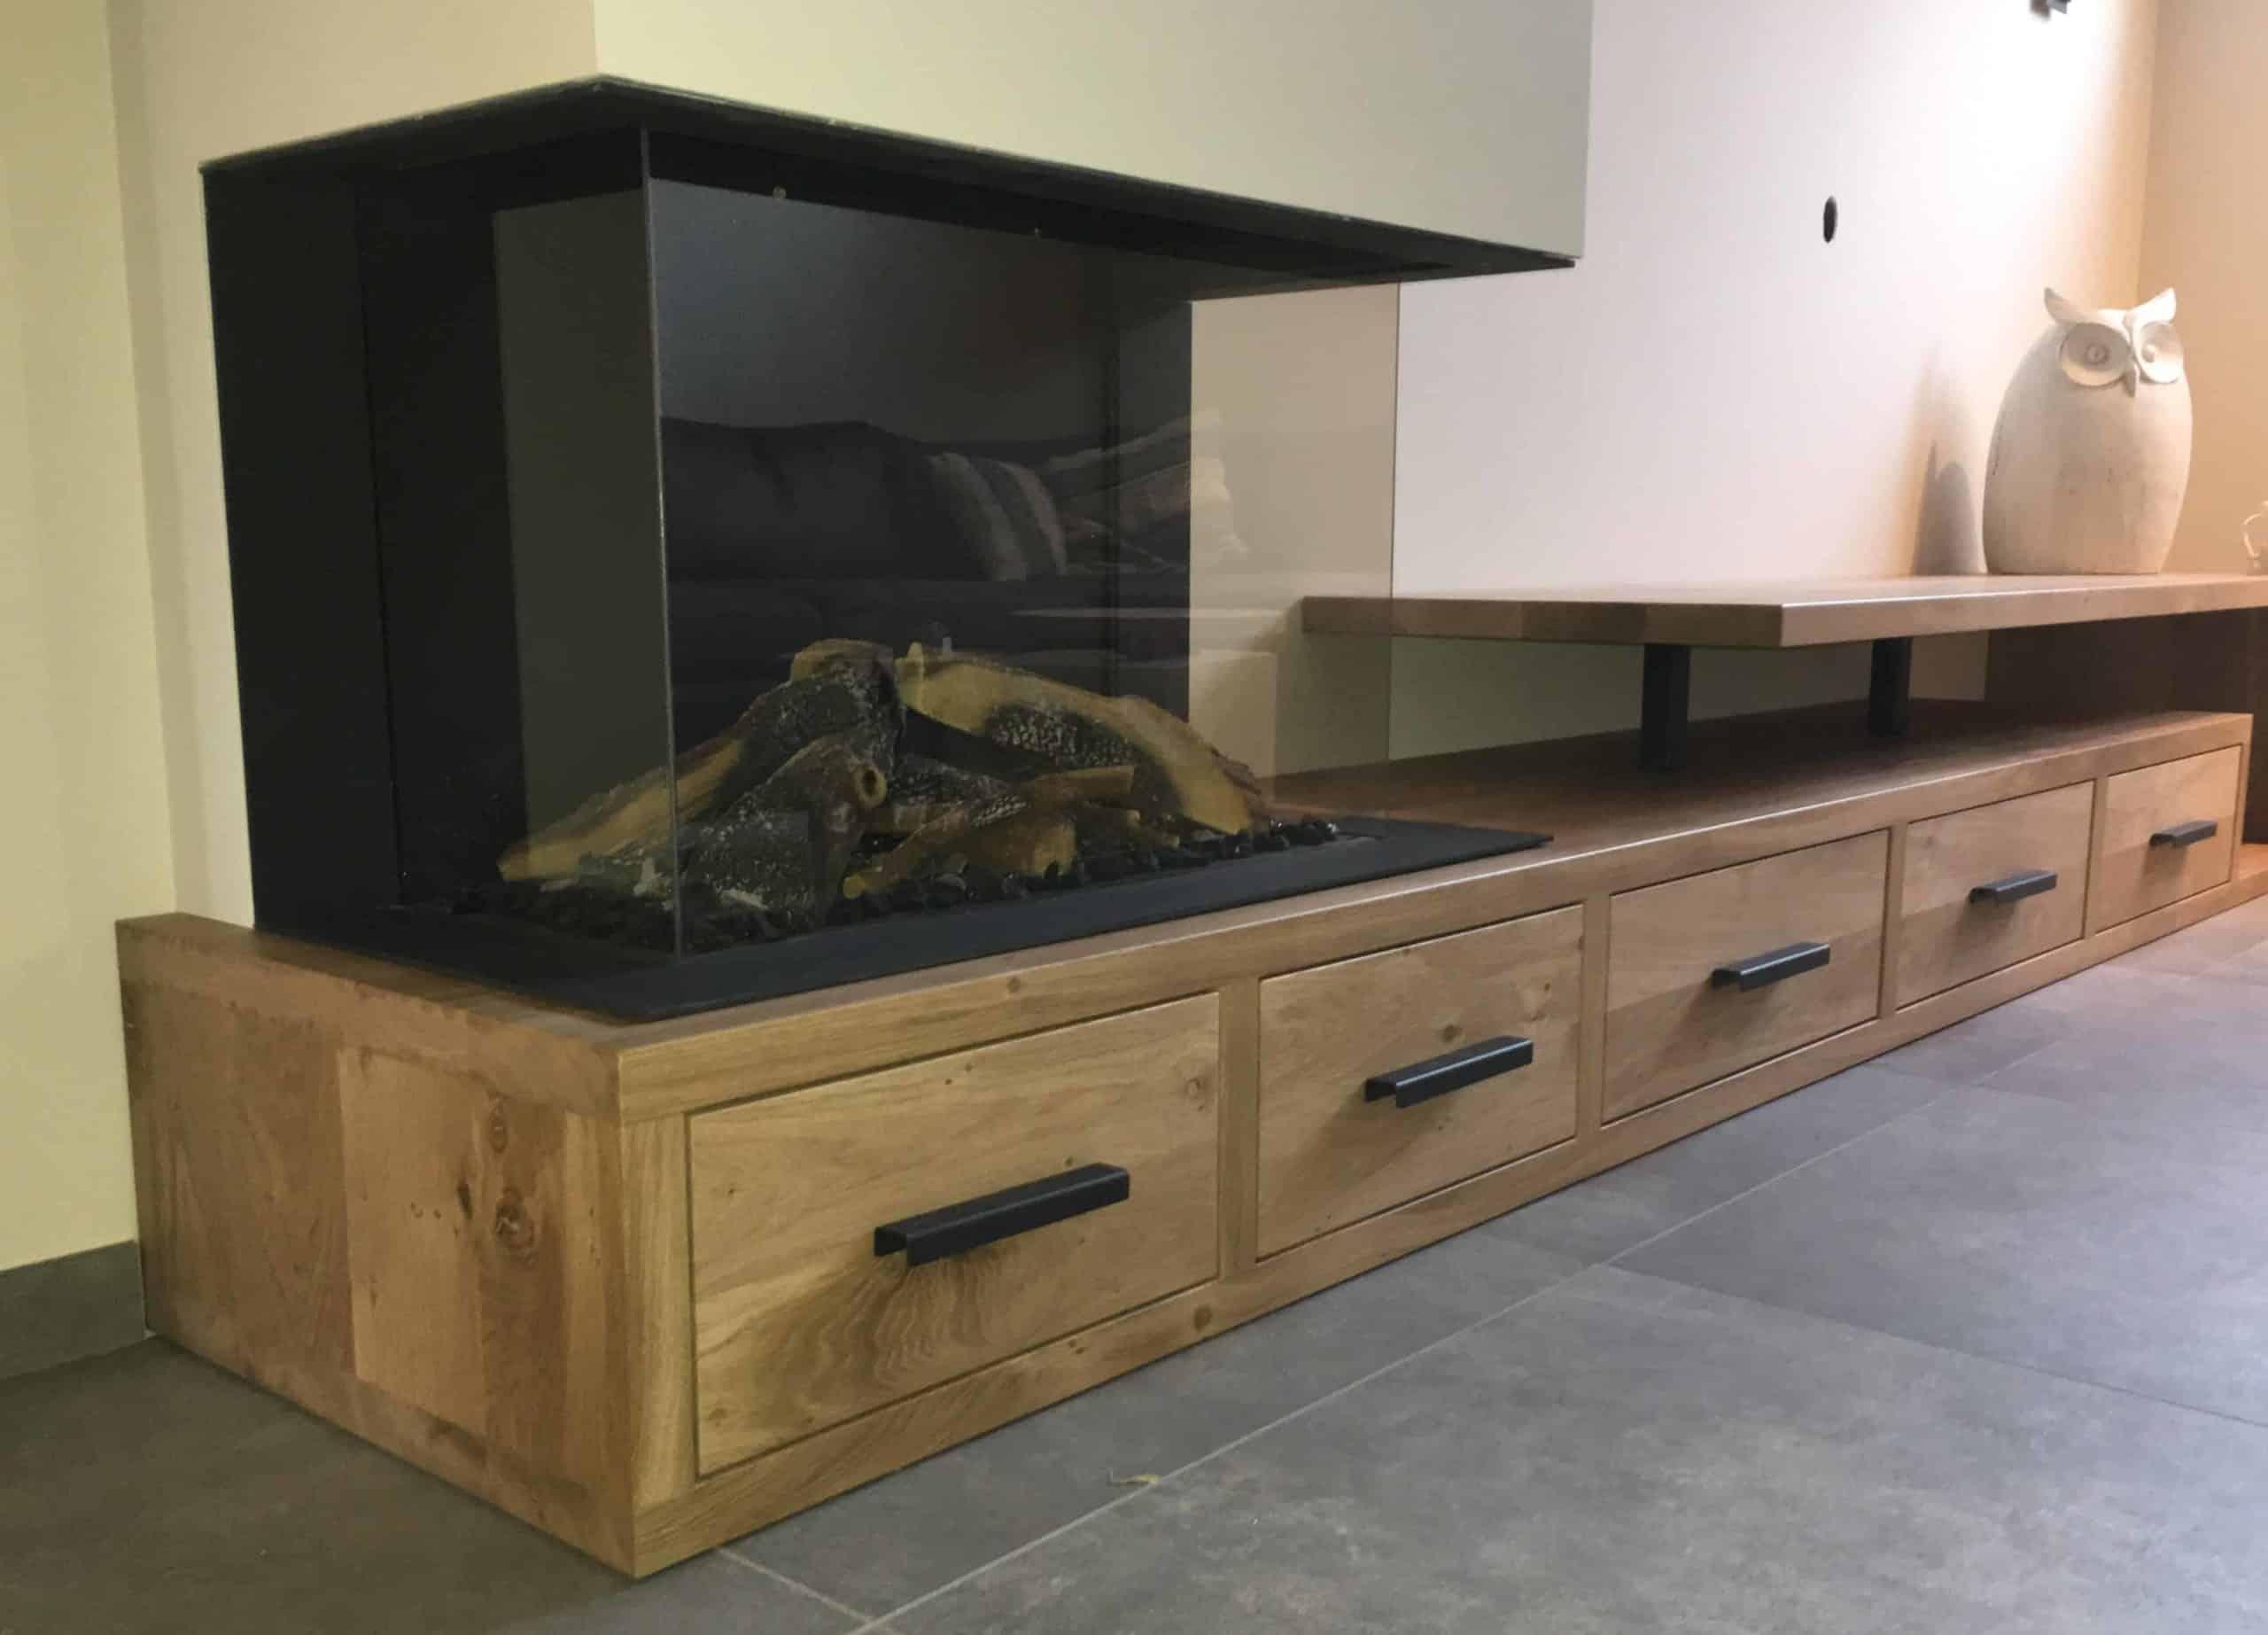 kasten Eiken haardombouw/tv meubel castle brown|hout en vorm